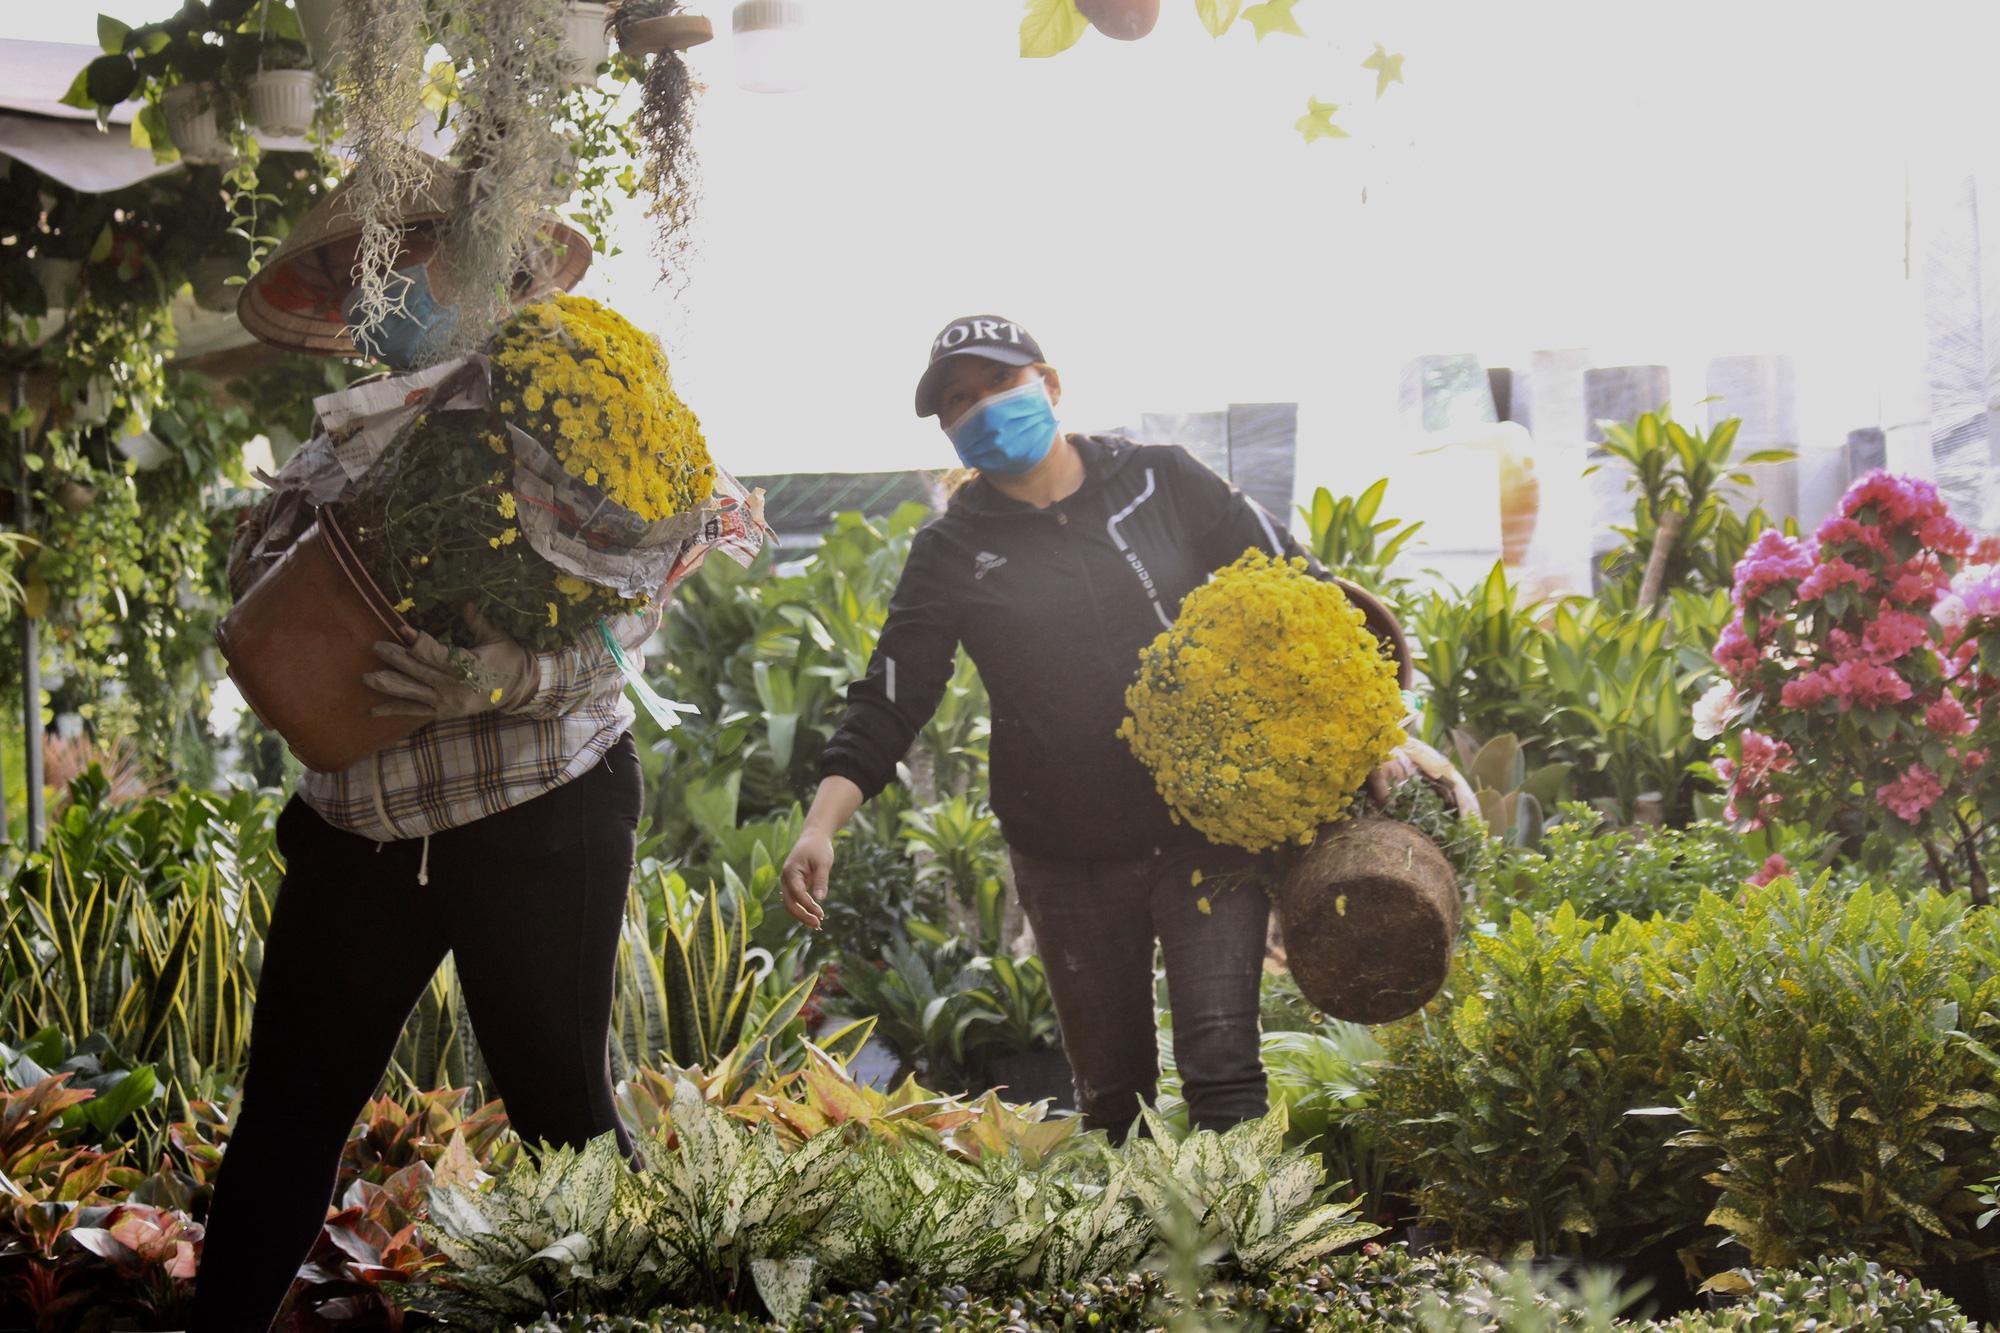 Hoa kiểng Tết đã bán tại Sài Gòn, tranh thủ giá rẻ, nhiều người đi mua sớm - Ảnh 3.